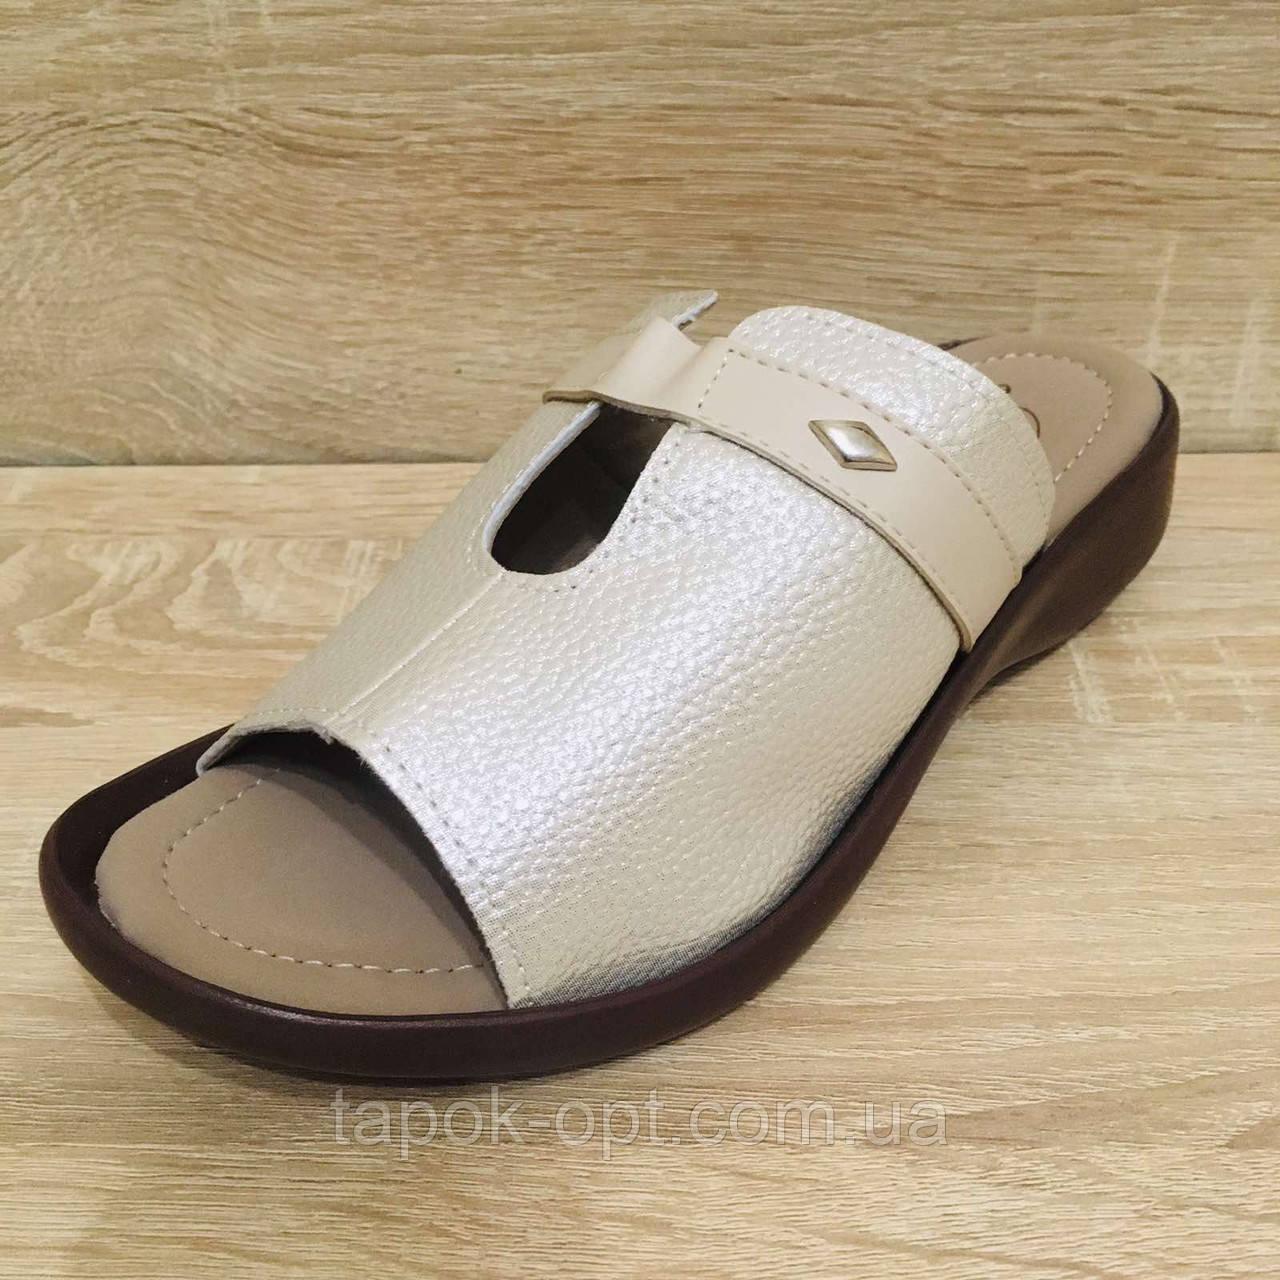 Женская кожаная обувь Белста